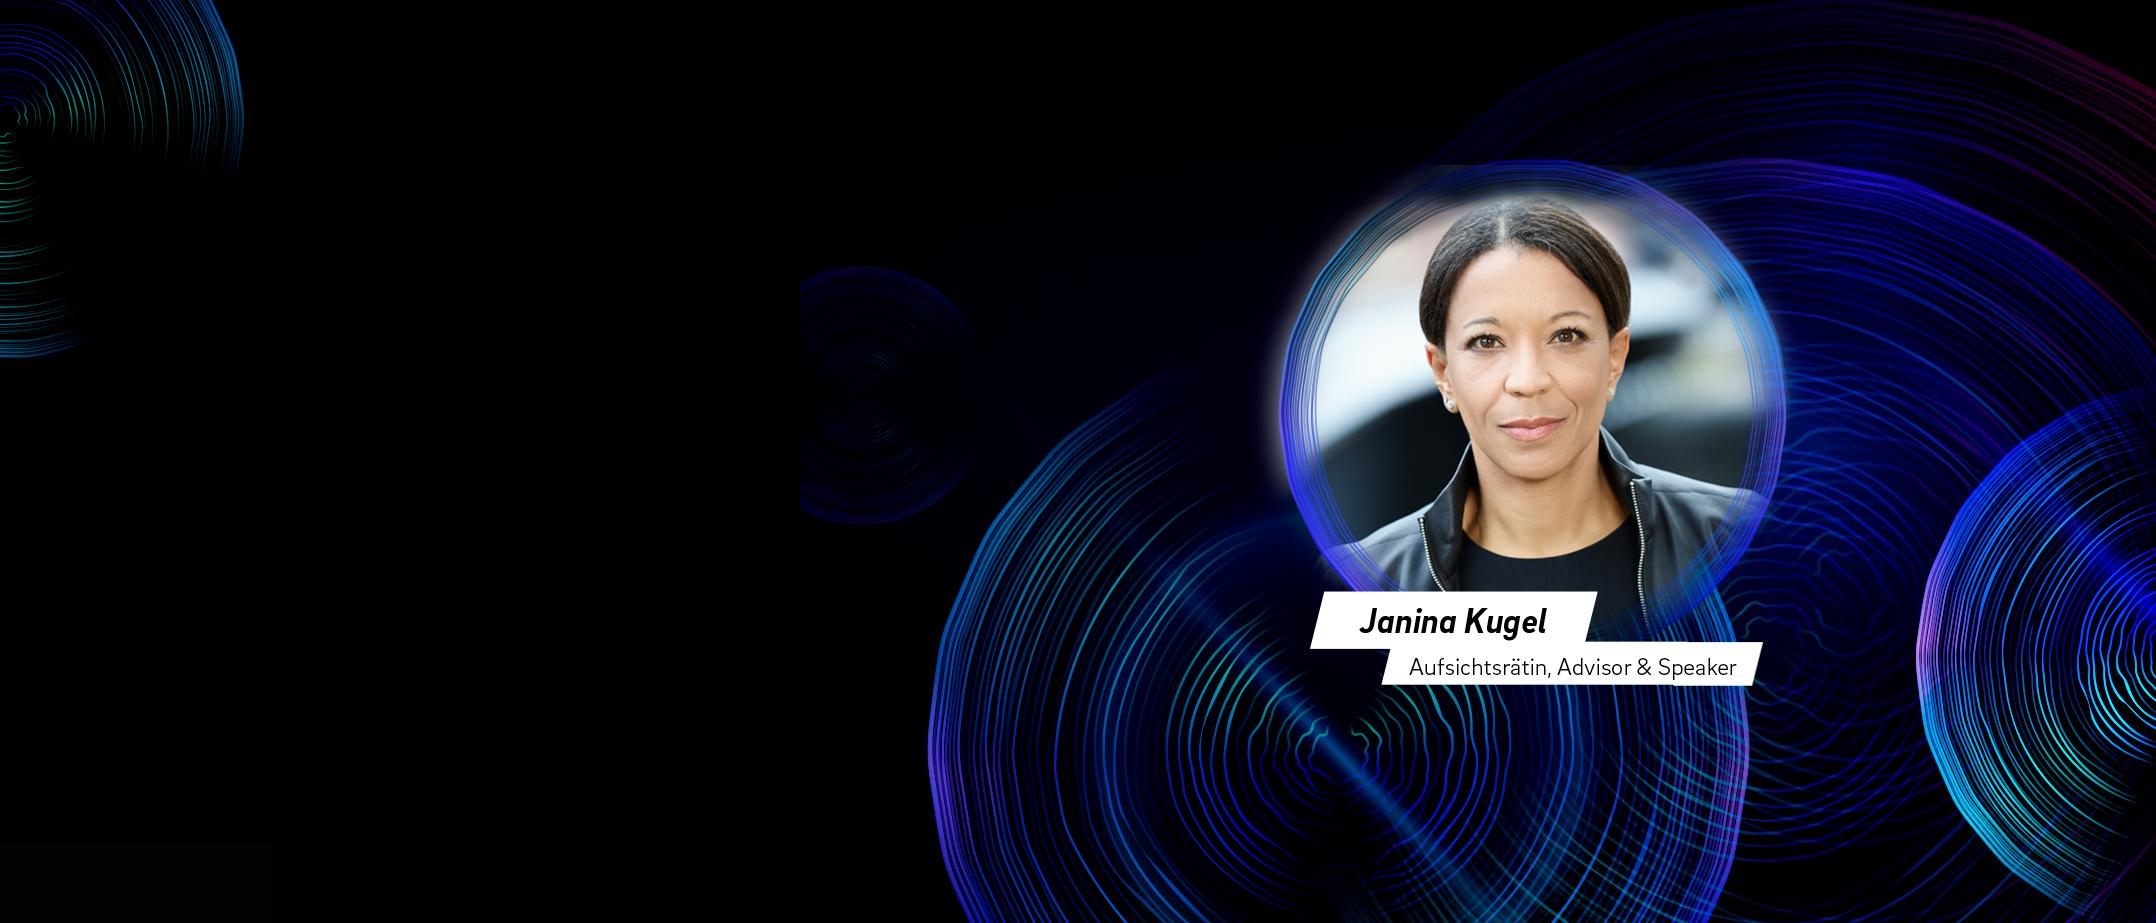 THE NEXT STEP - Janina Kugel und das neue Normal